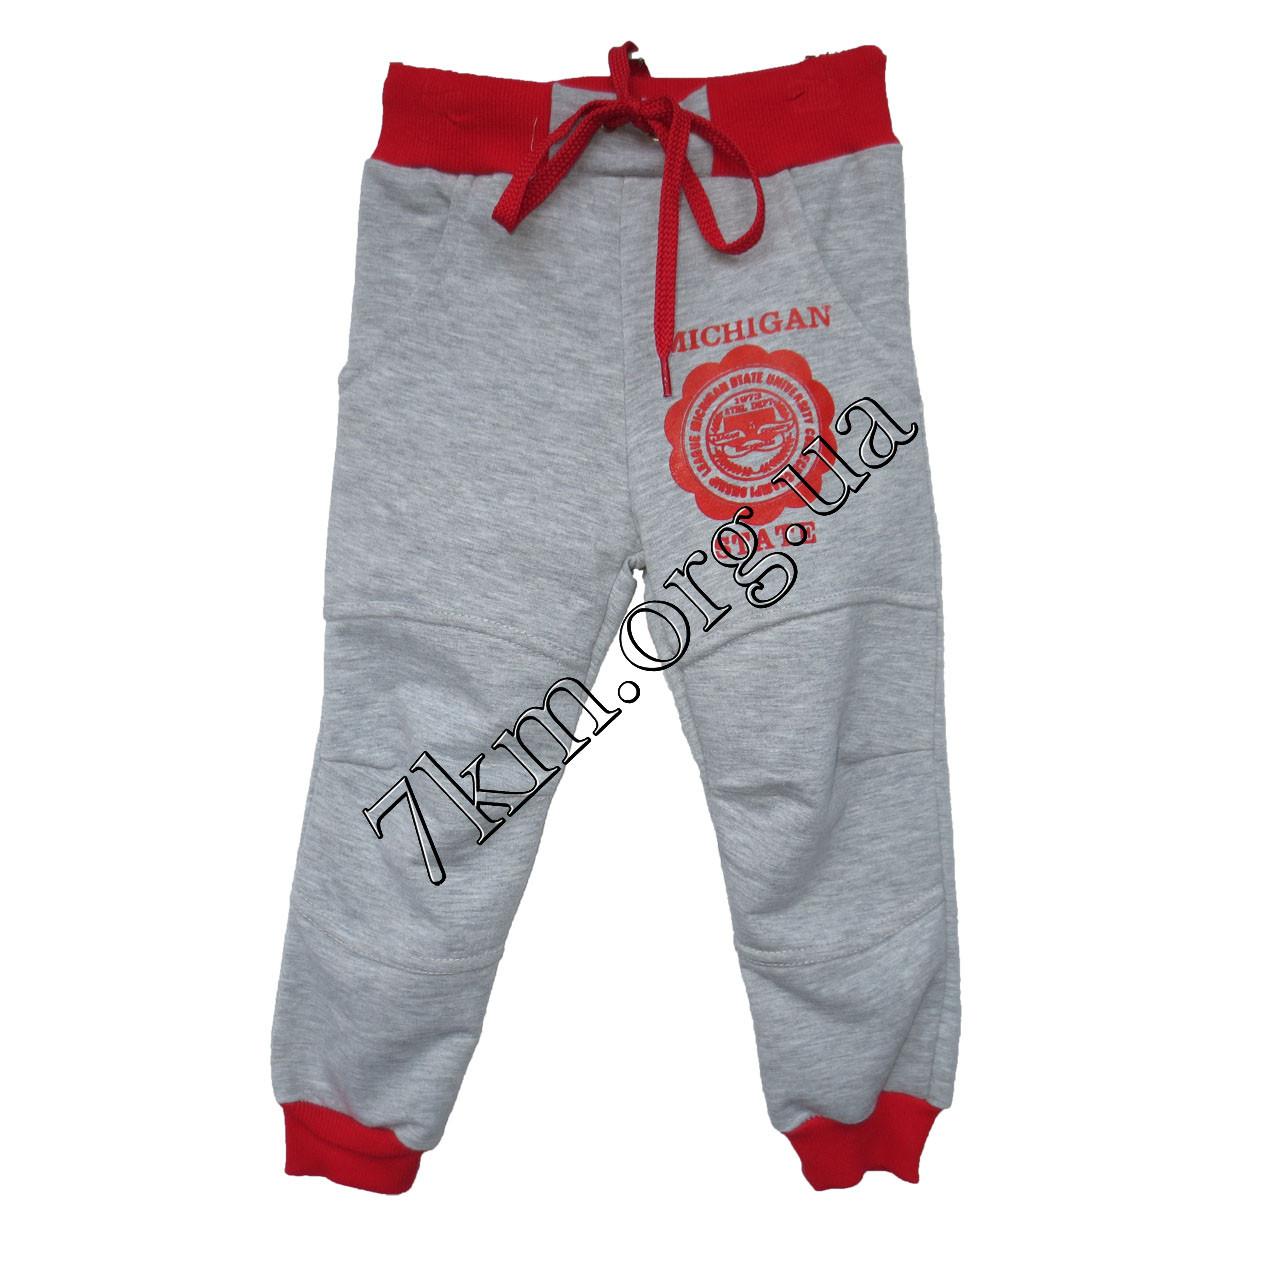 Спортивные штаны Micigan для девочек (2-5лет) трикотажные  Серые